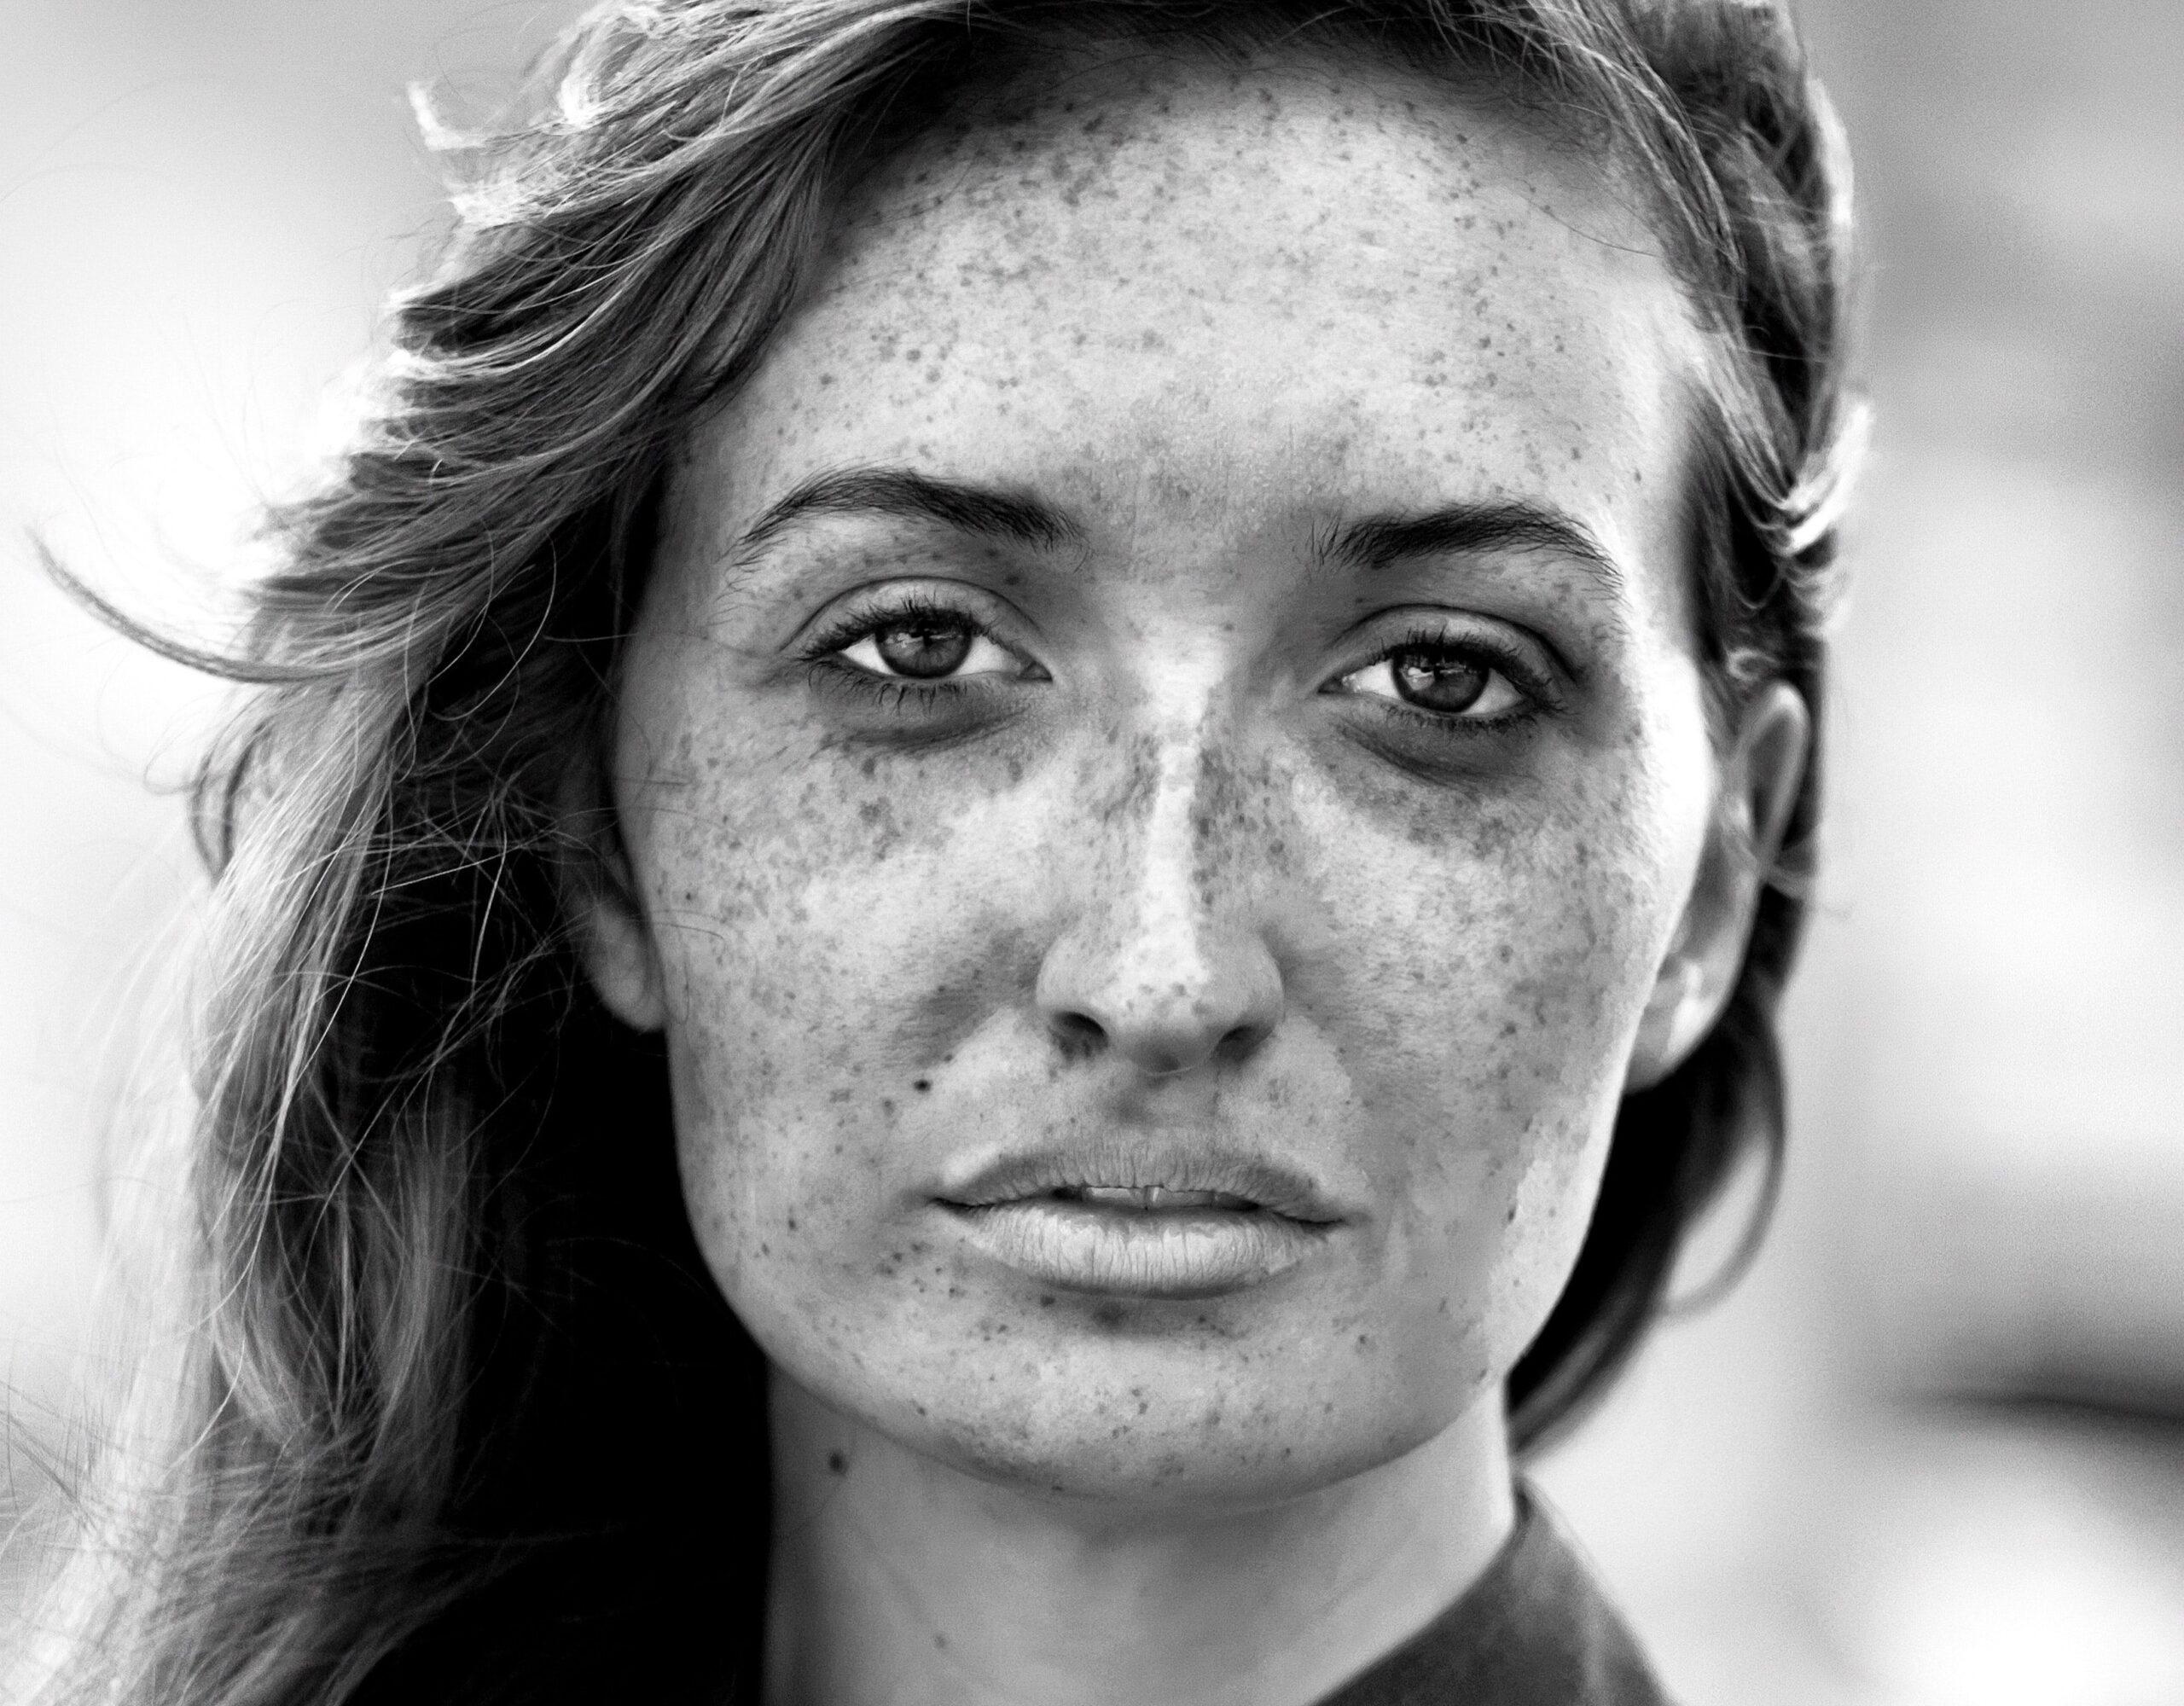 Mujer con fotodaño que tiene pecas en la cara y podría tener un tipo de cáncer de piel